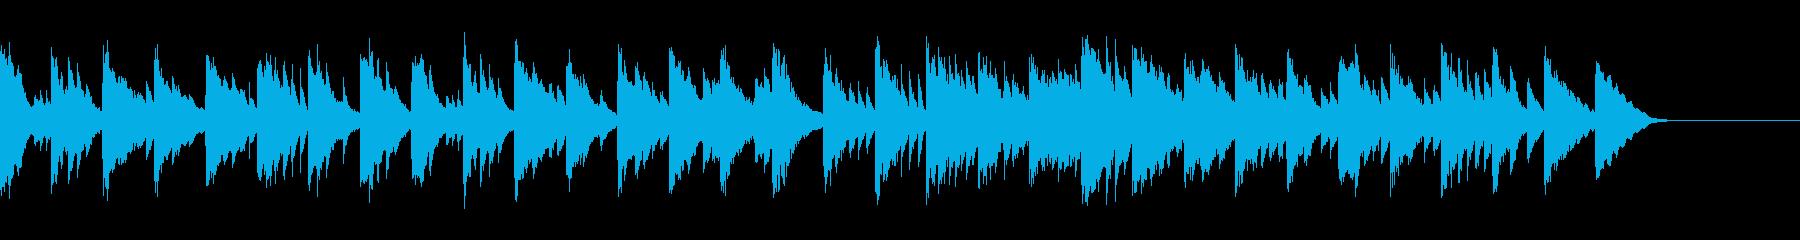 ピアノソロ/CM向け、透明で綺麗な水の再生済みの波形